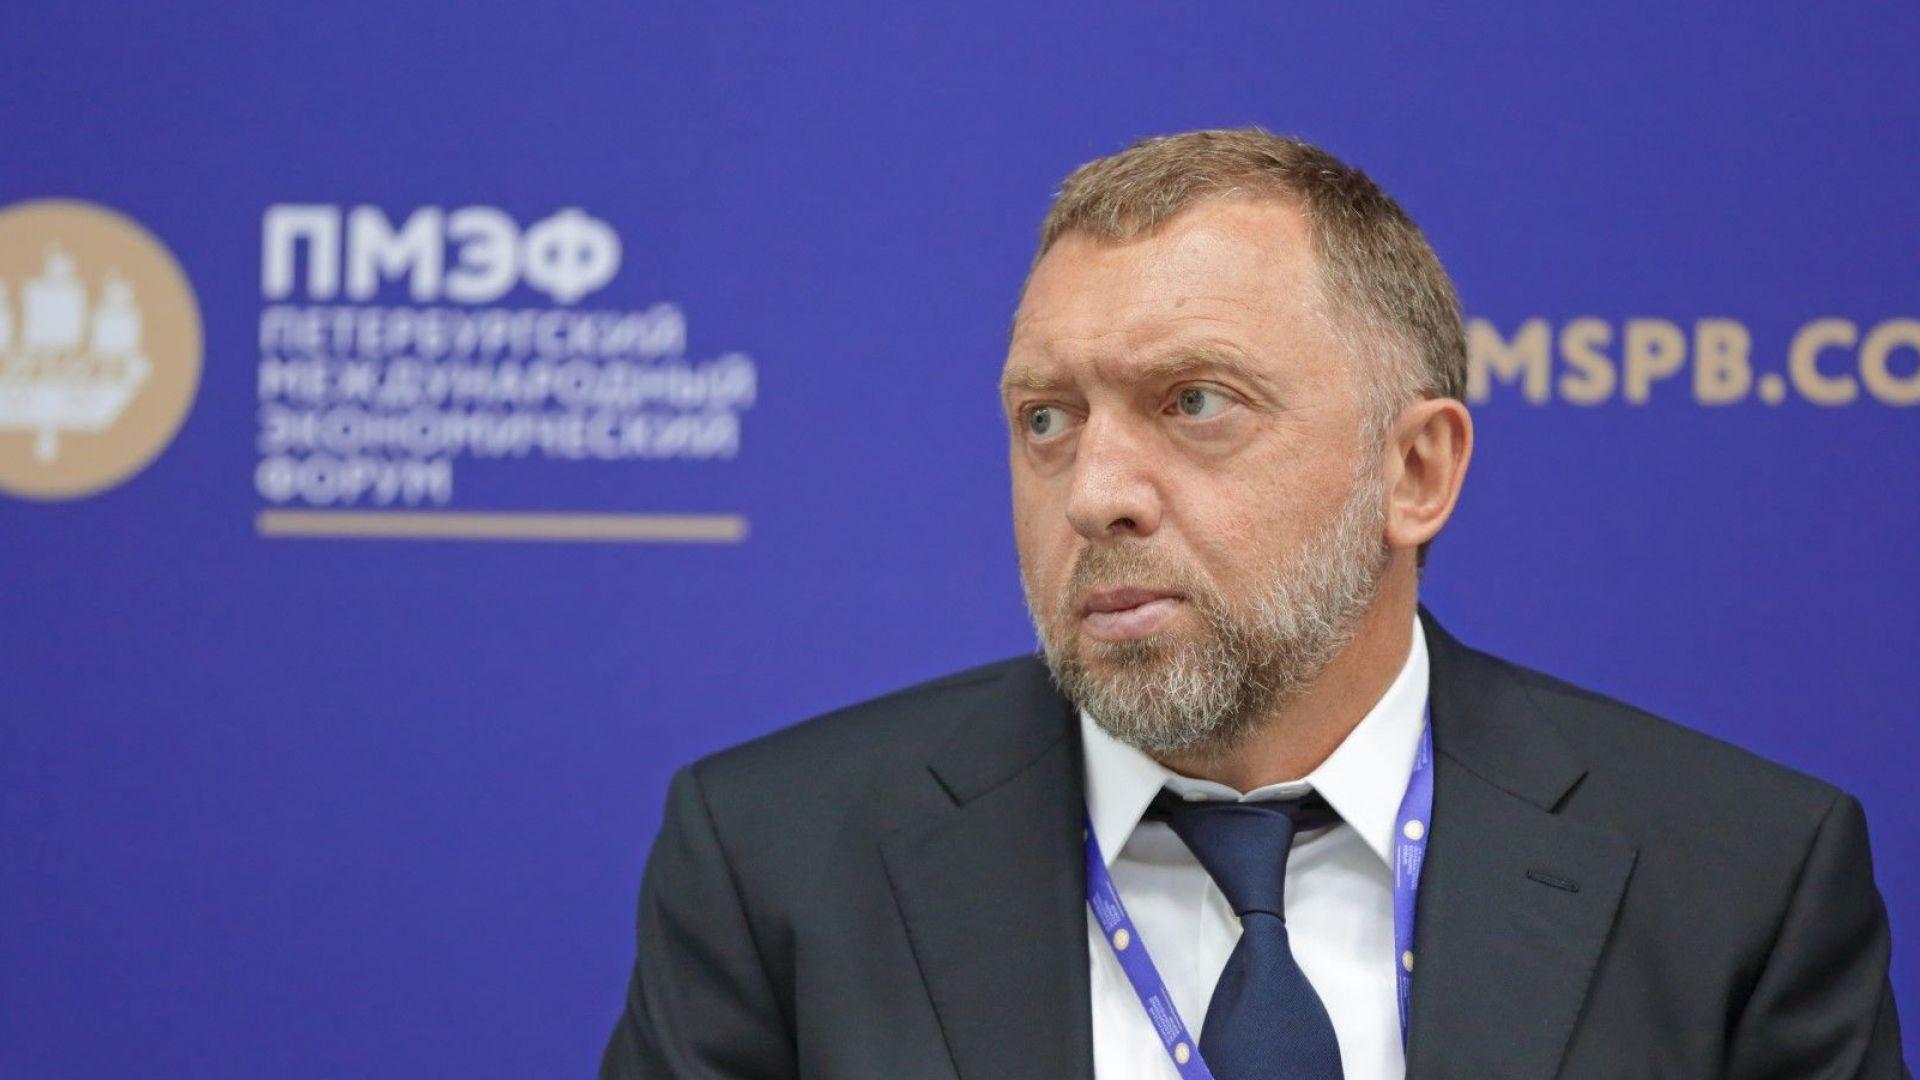 Руската ВТБ спира да работи с Олег Дерипаска